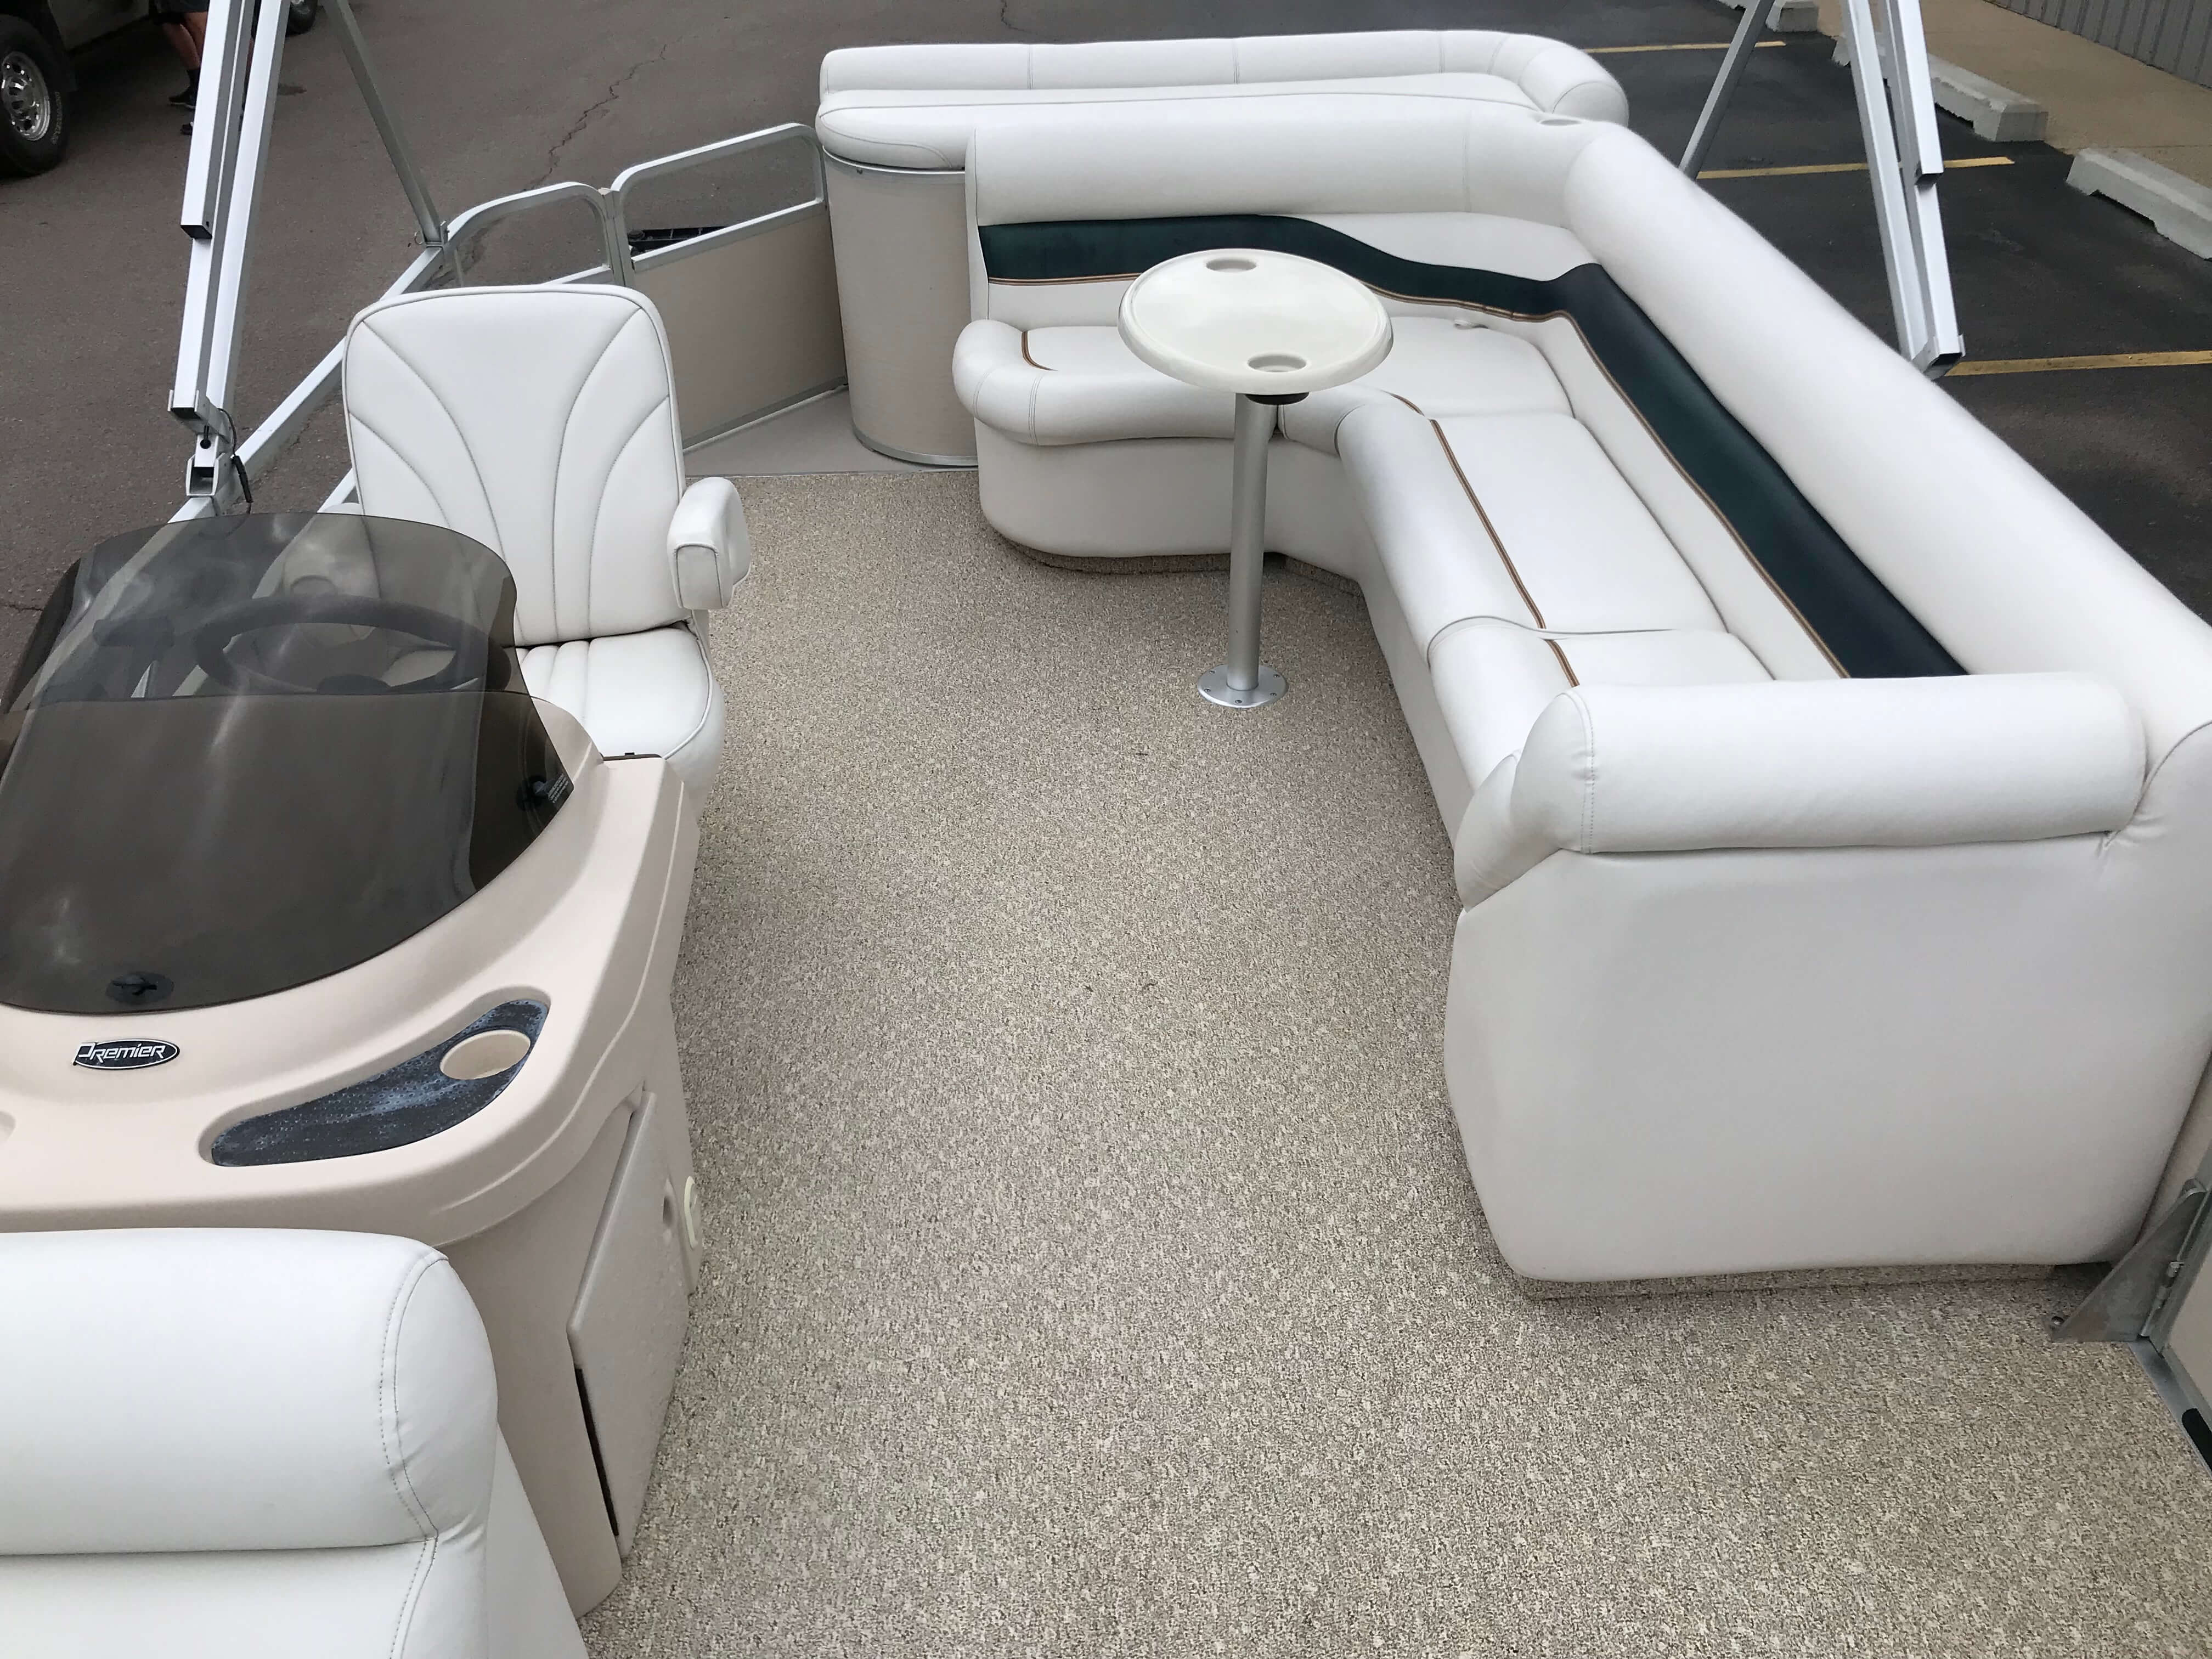 2005 Premier 225 Sunsation RE Pontoon Boat 3